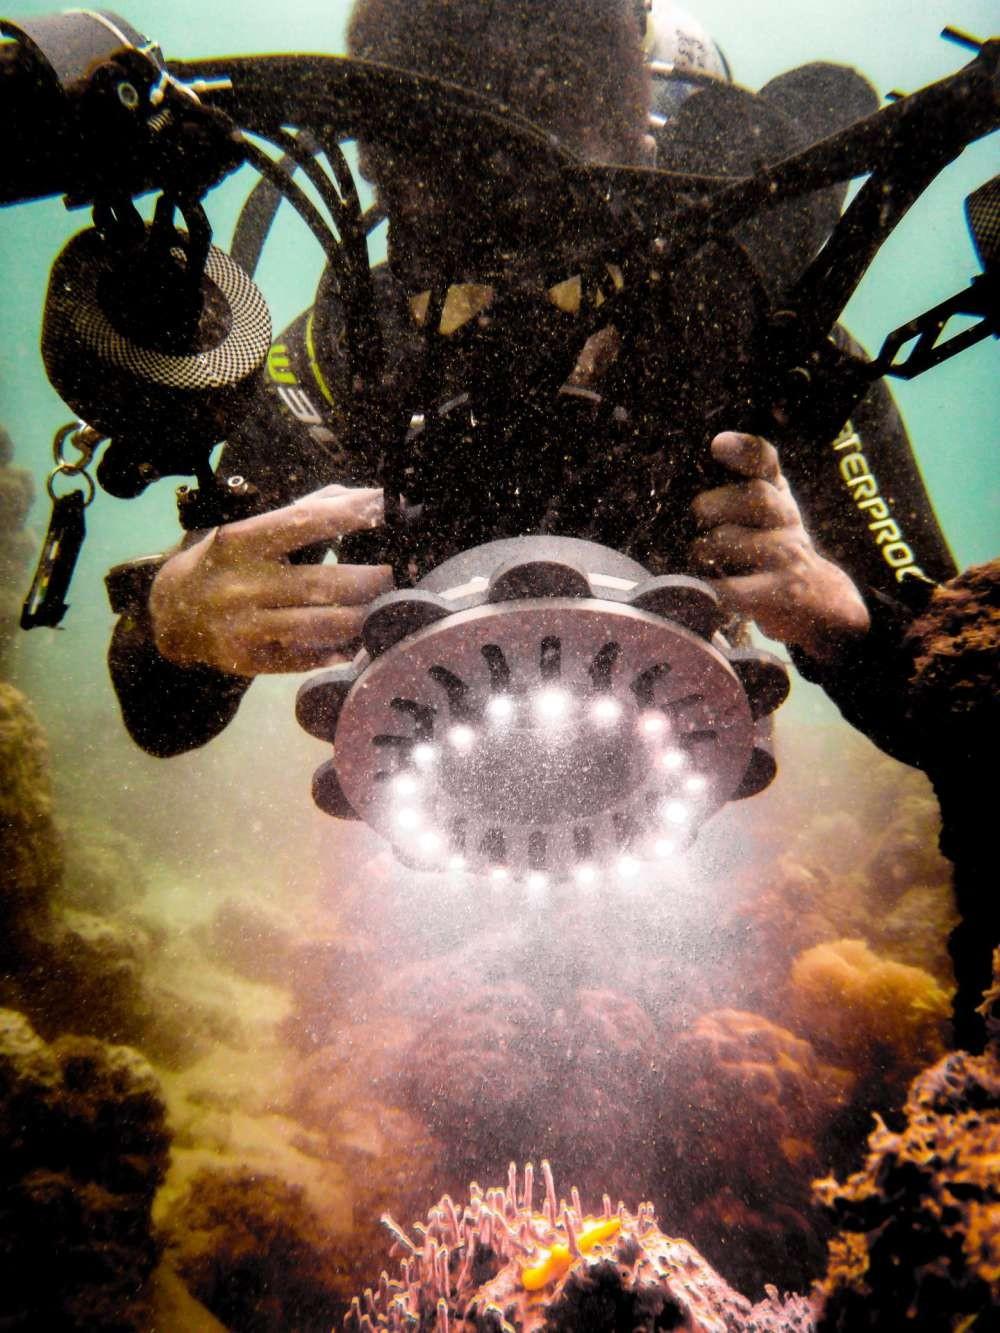 O cientista Cedric van den Berg usa uma câmera com a ferramenta QCPA para tirar fotos calibradas de um molusco nudibrânquico em Lizard Island, na Grande Barreira de Corais, Austrália (Foto: Emily Guevara and Cedric van den Berg)